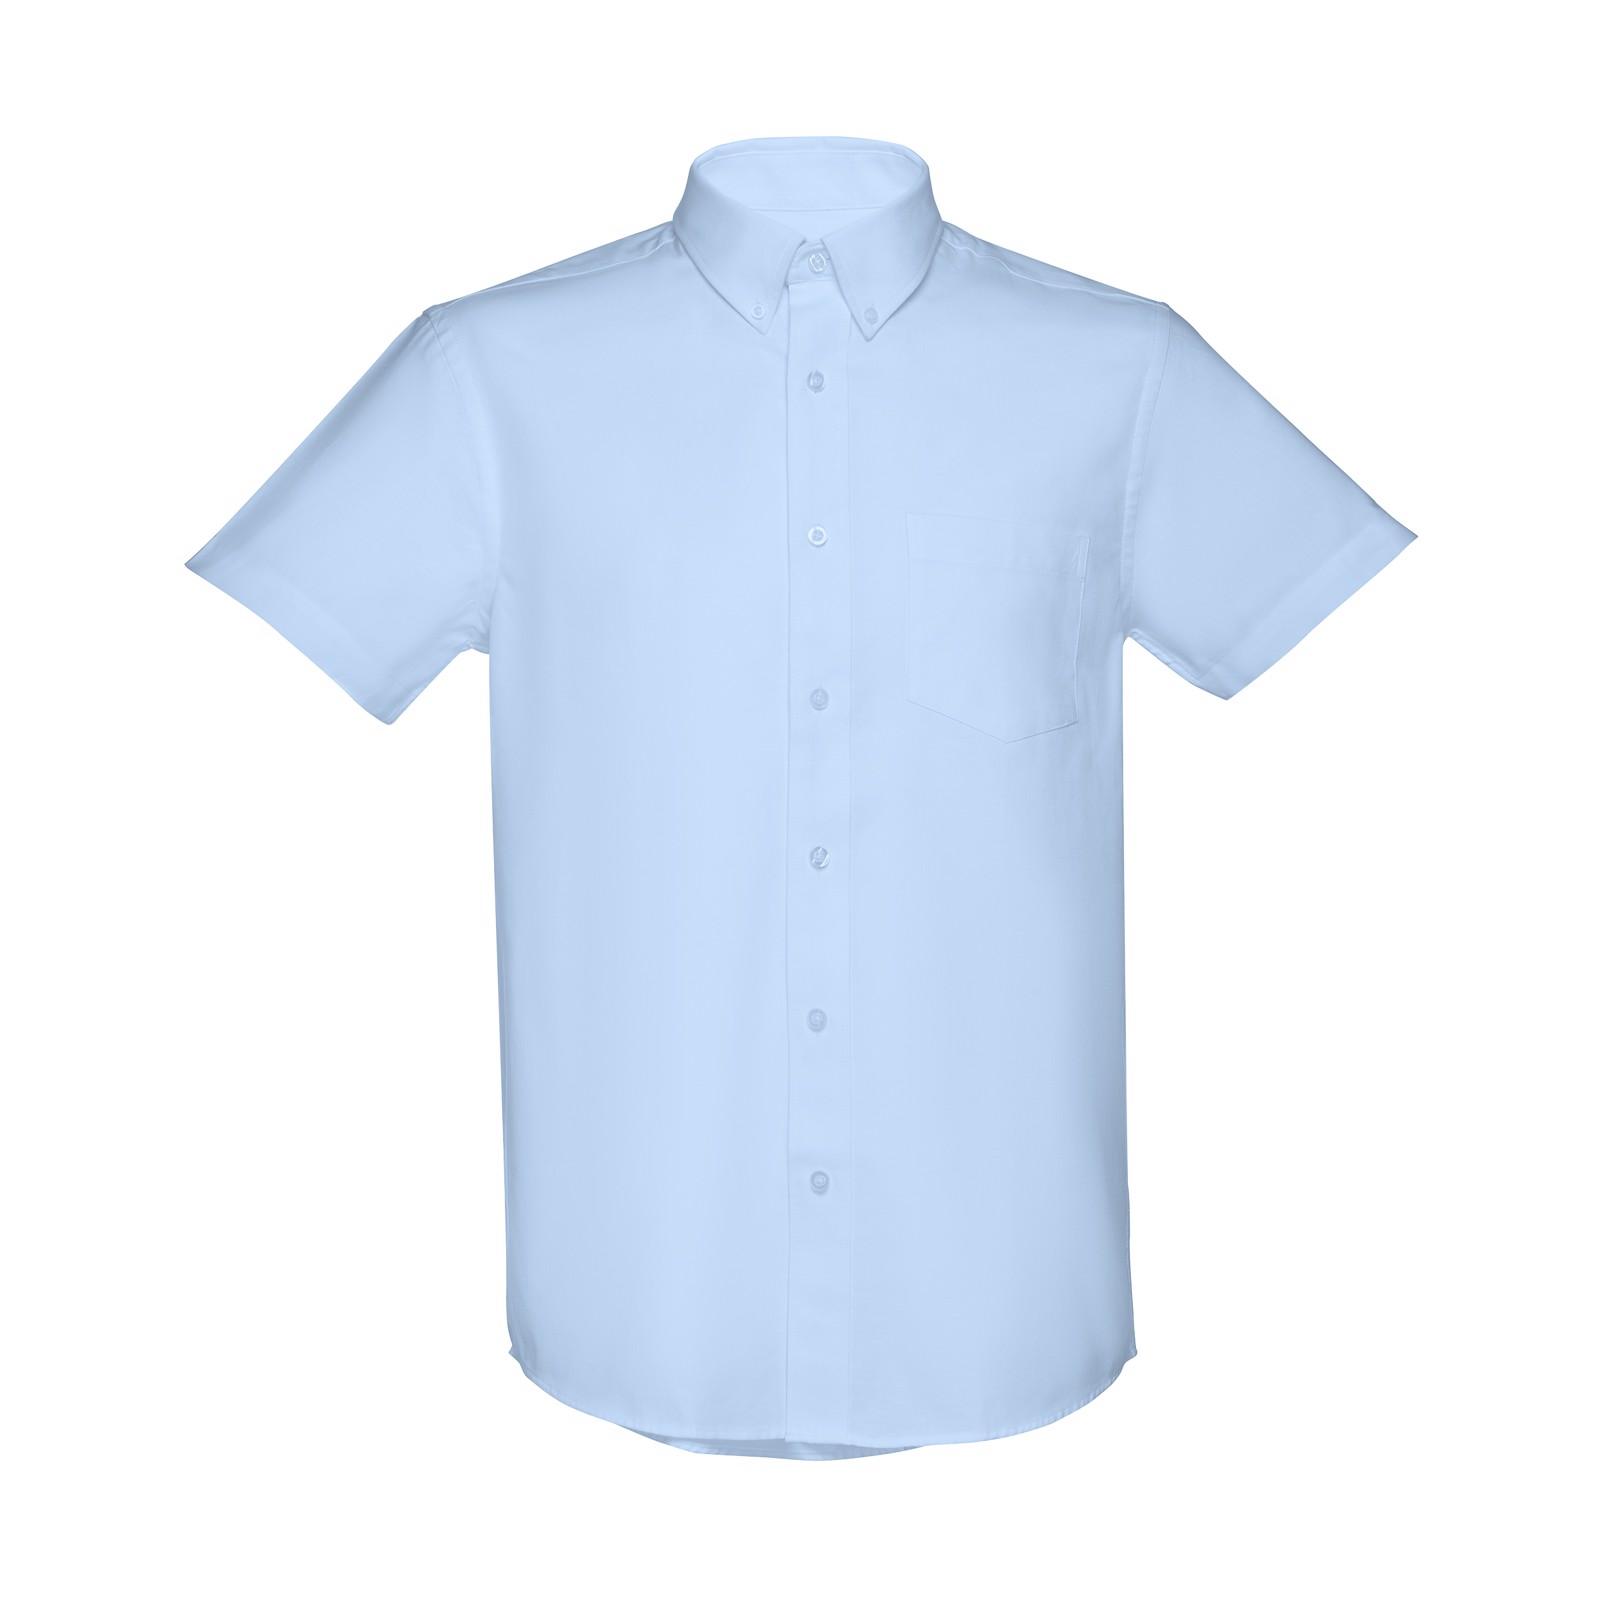 LONDON. Ανδρικό πουκάμισο oxford - Γαλάζιο / XL